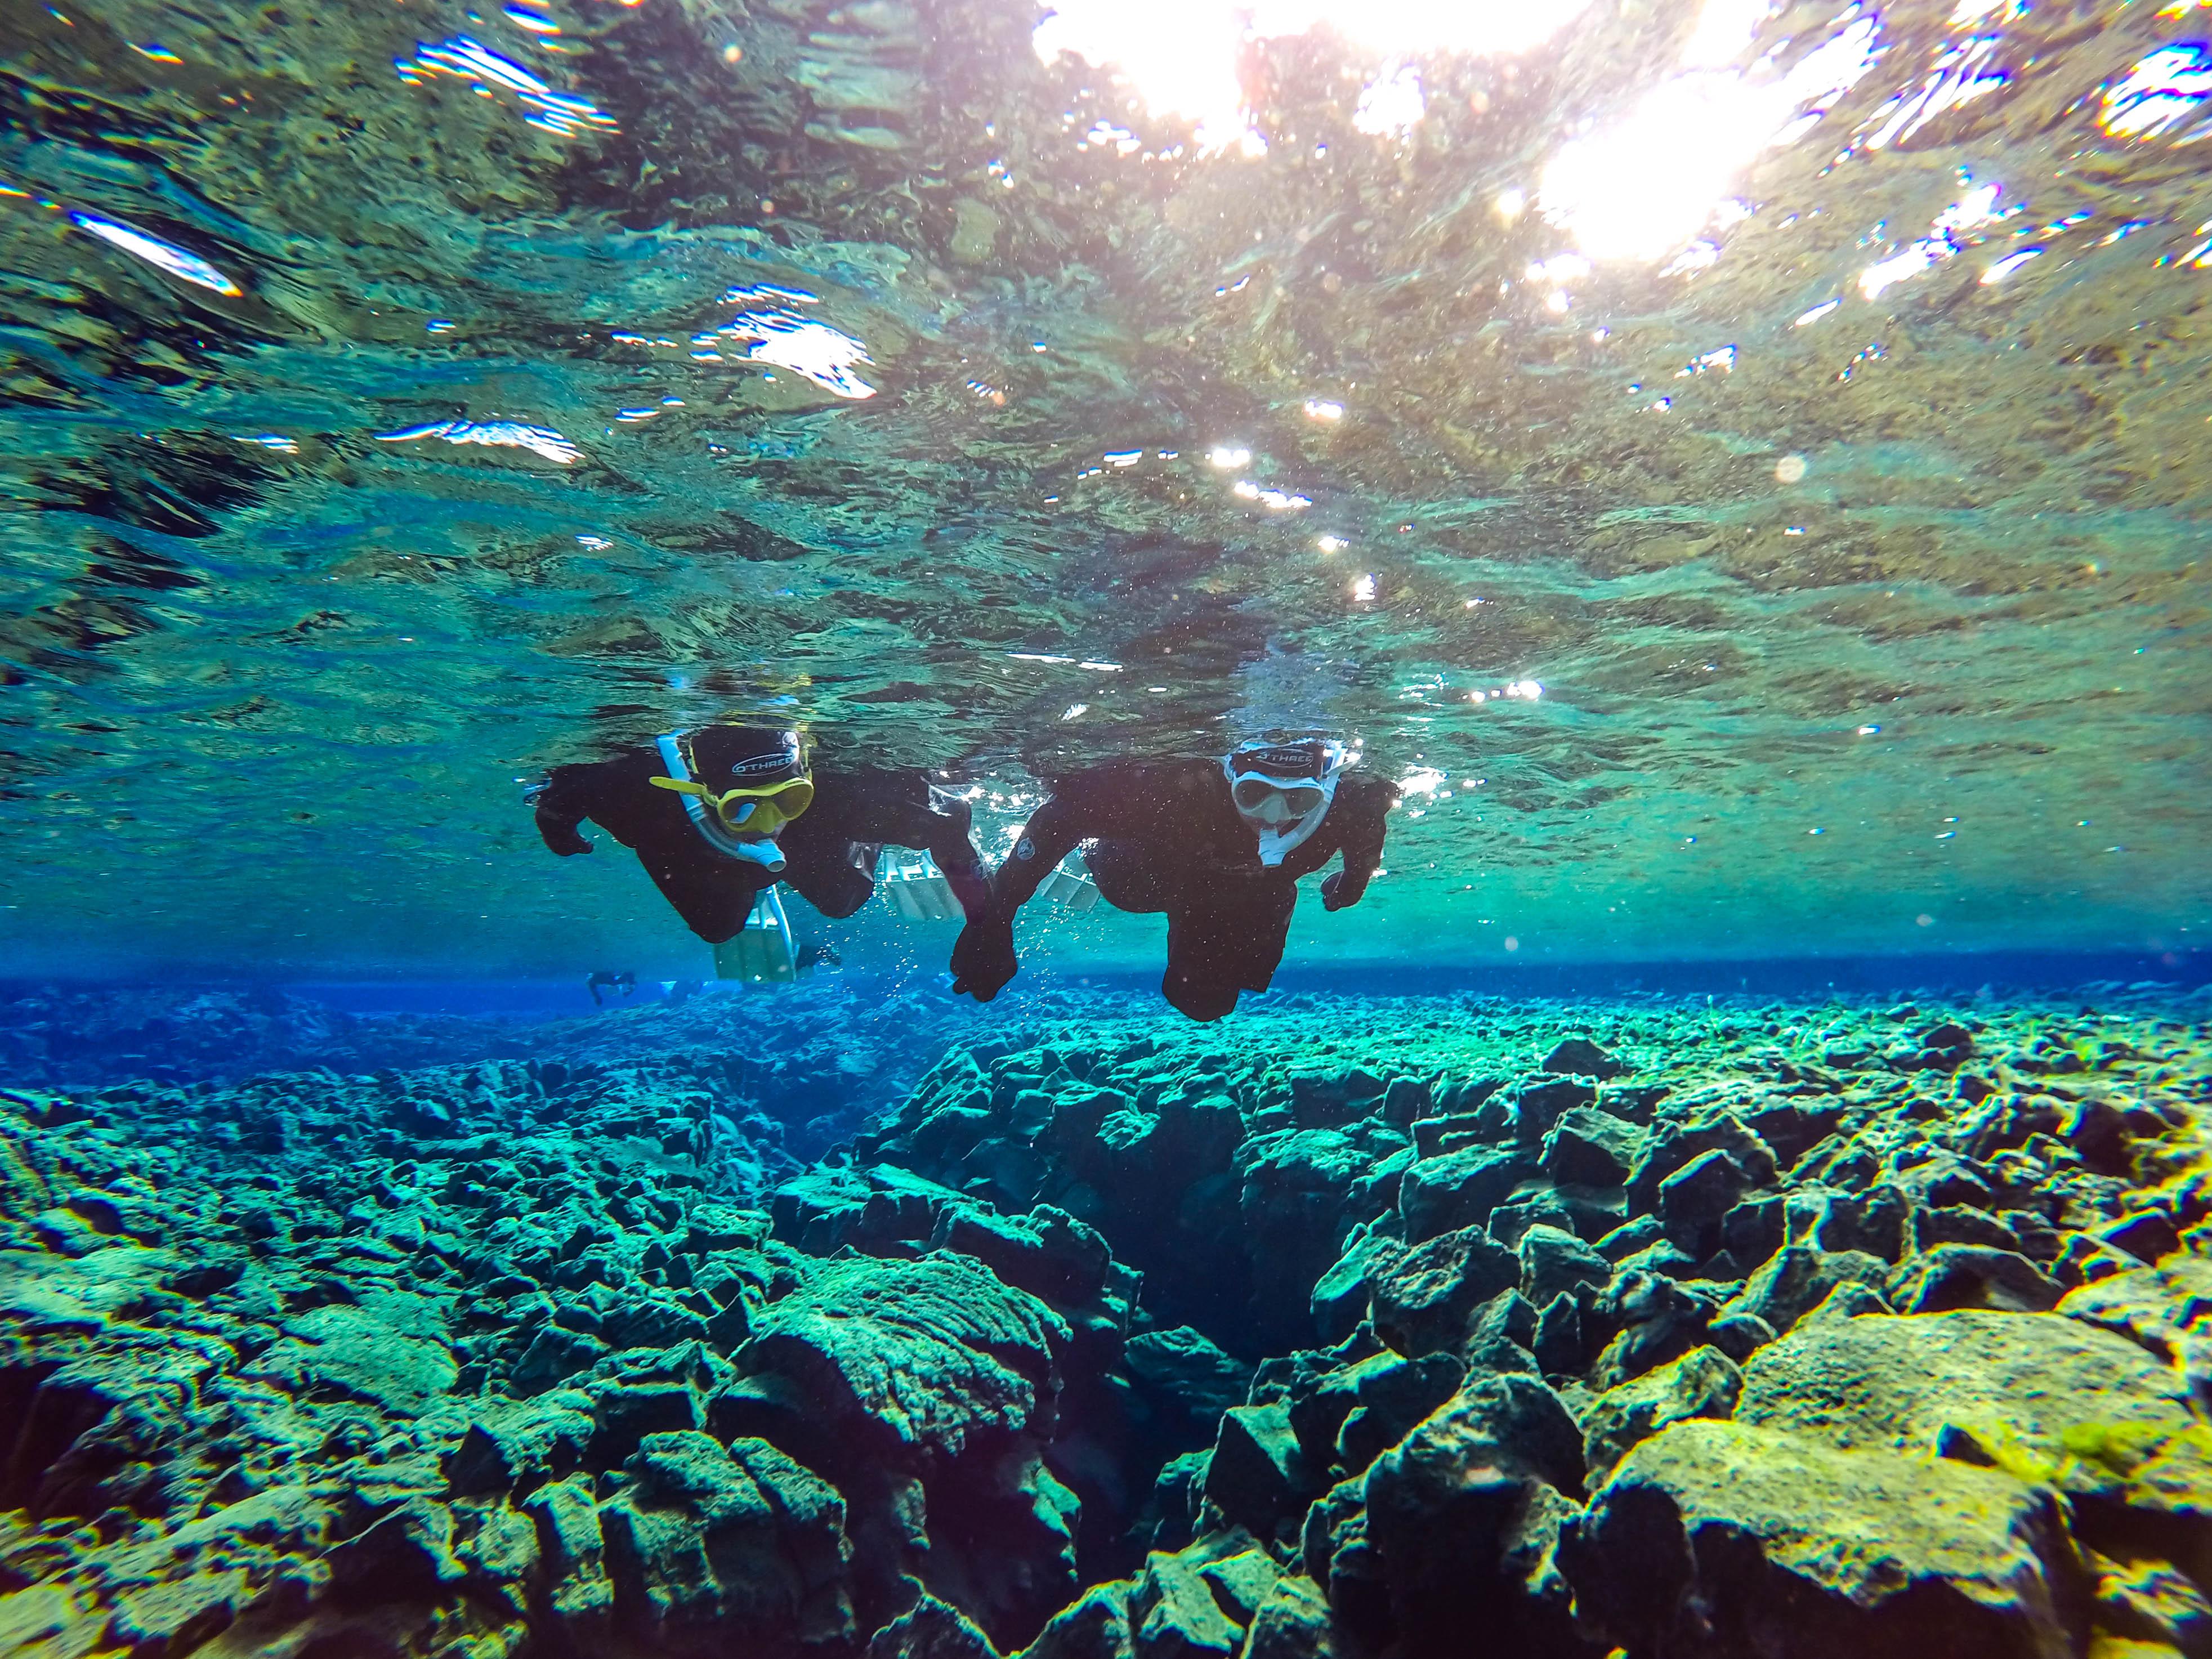 Een snorkelend stel verkent de bodem van het ondiepe gedeelte van de kloof Silfra.